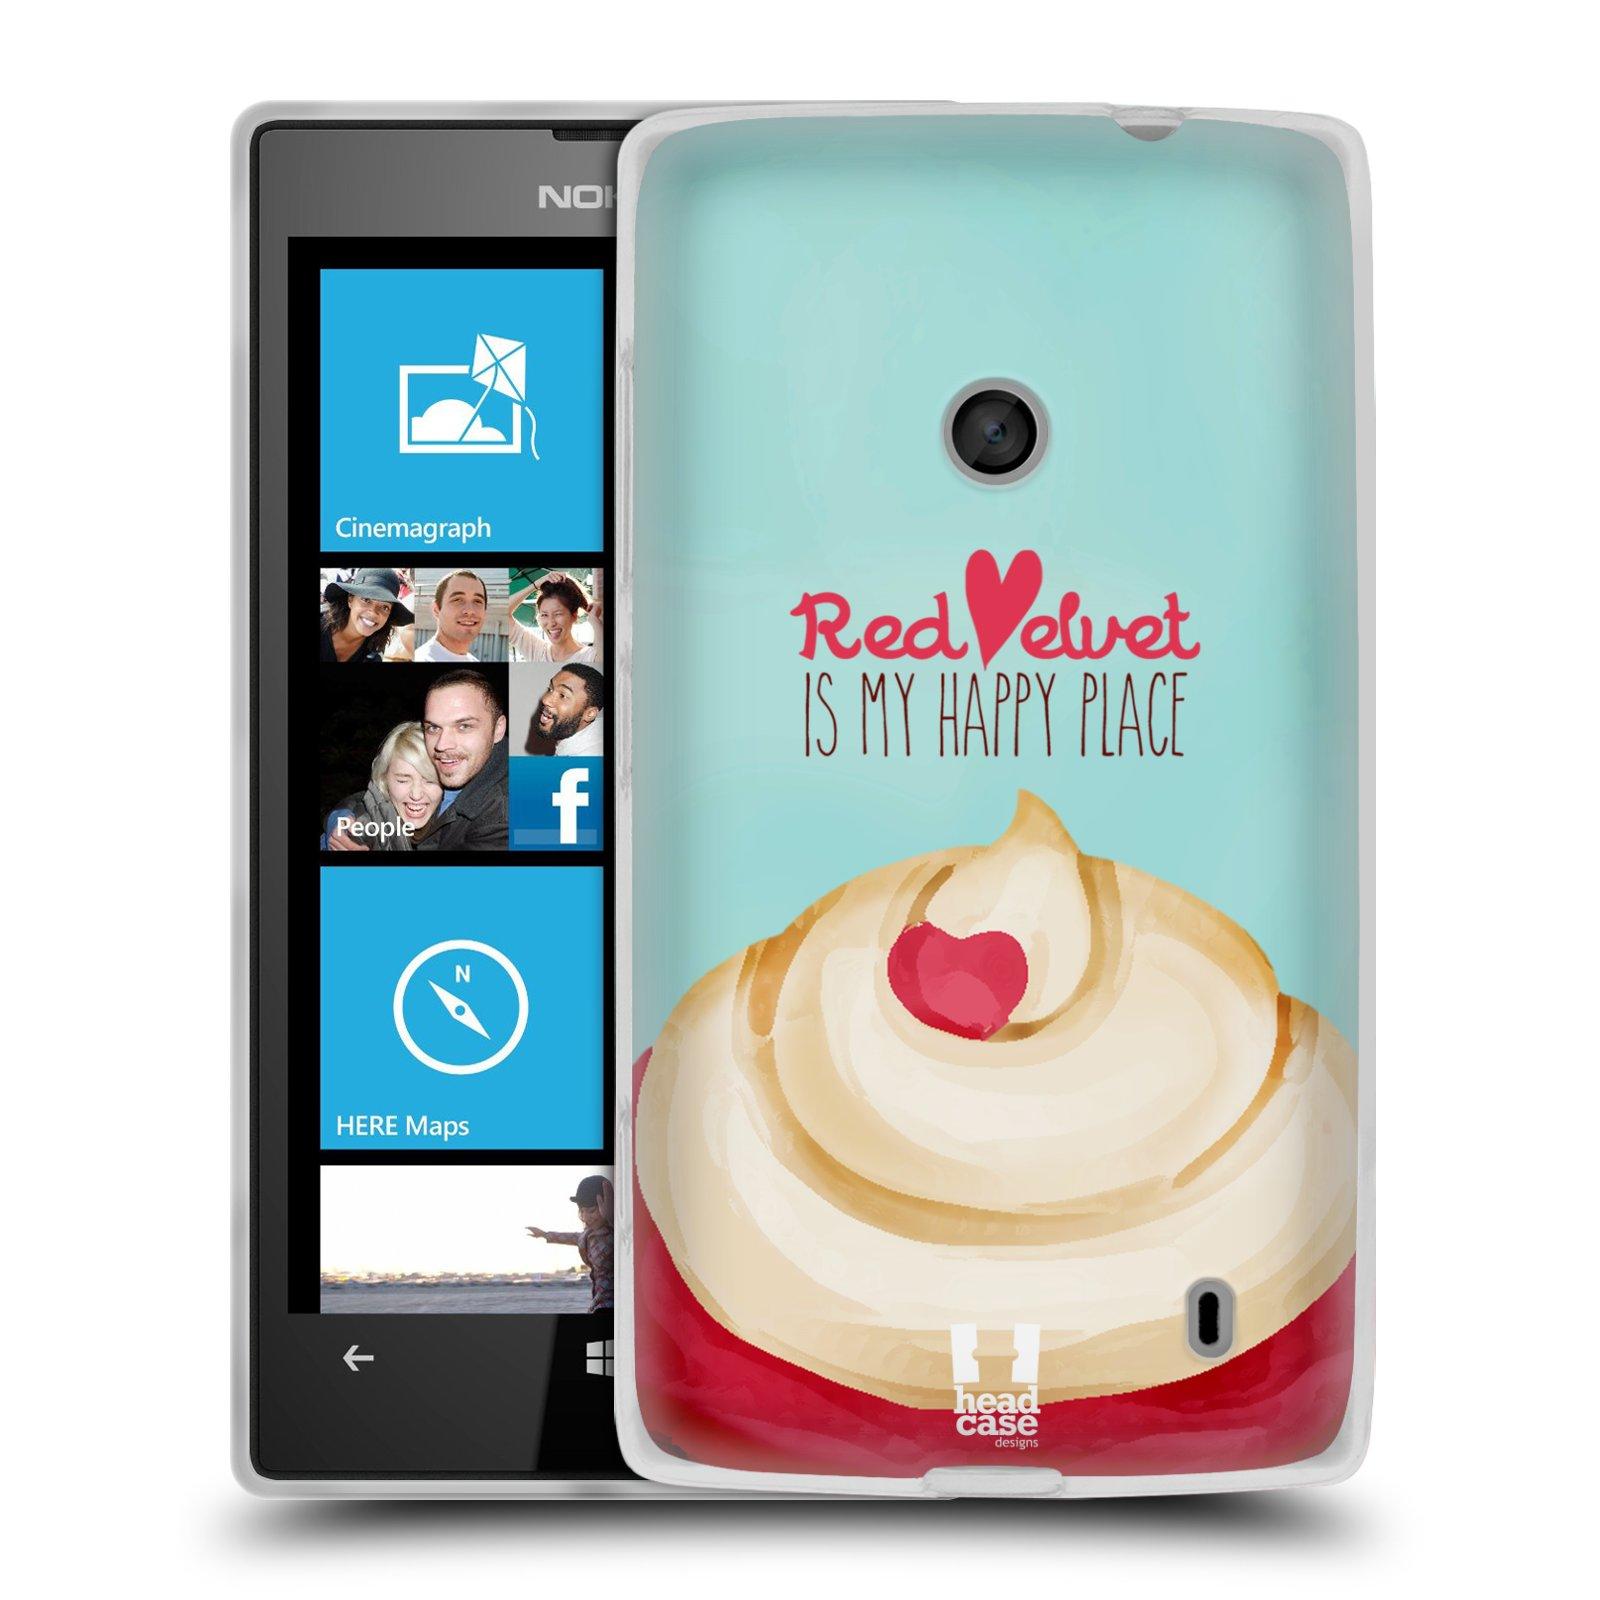 Silikonové pouzdro na mobil Nokia Lumia 520 HEAD CASE CUPCAKE RED VELVET (Silikonový Kryt či obal na mobilní telefon Nokia Lumia 520)